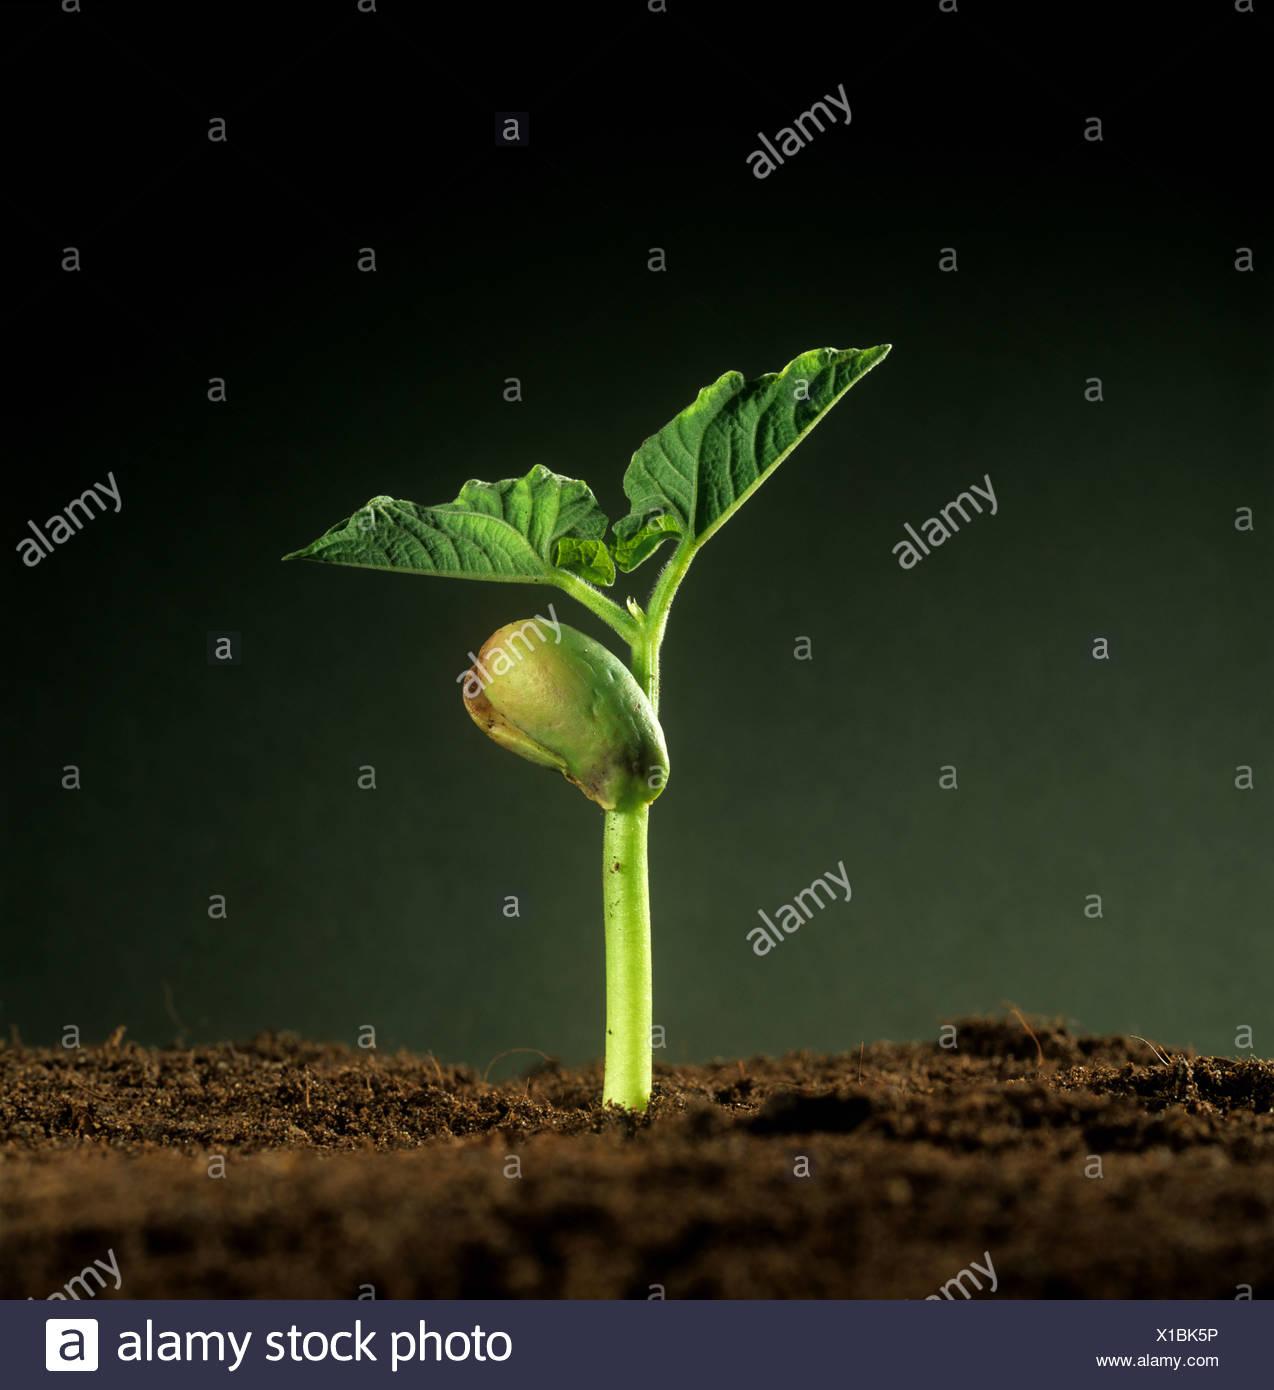 Verde fagiolo (Phaseolus vulgaris) piantina con cotiledone riserva alimentare e prime foglie vere Immagini Stock